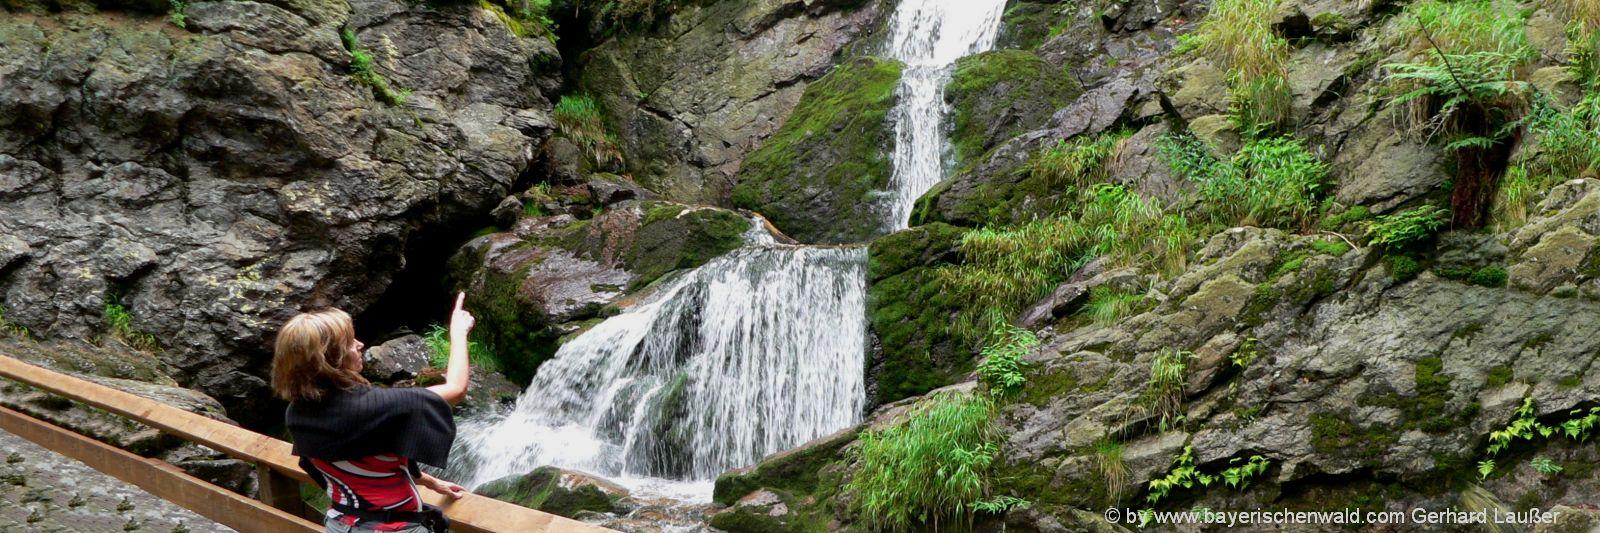 Bayern Natururlaub im Bayerischen Wald - Risslochwasserfall bei Bodenmais